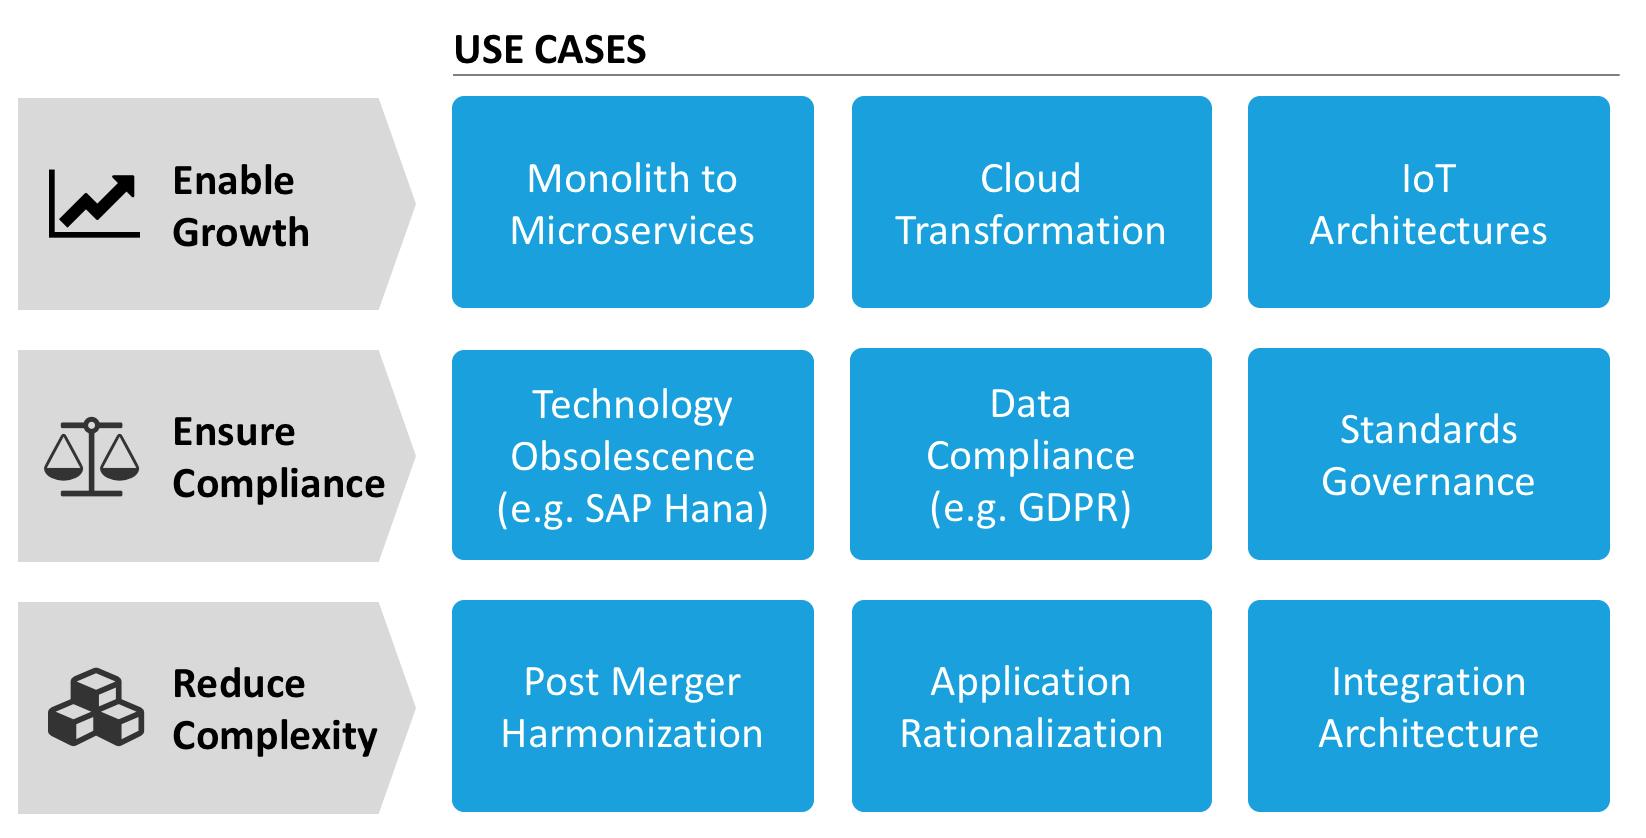 Nine Key Use Cases for Enterprise Architects